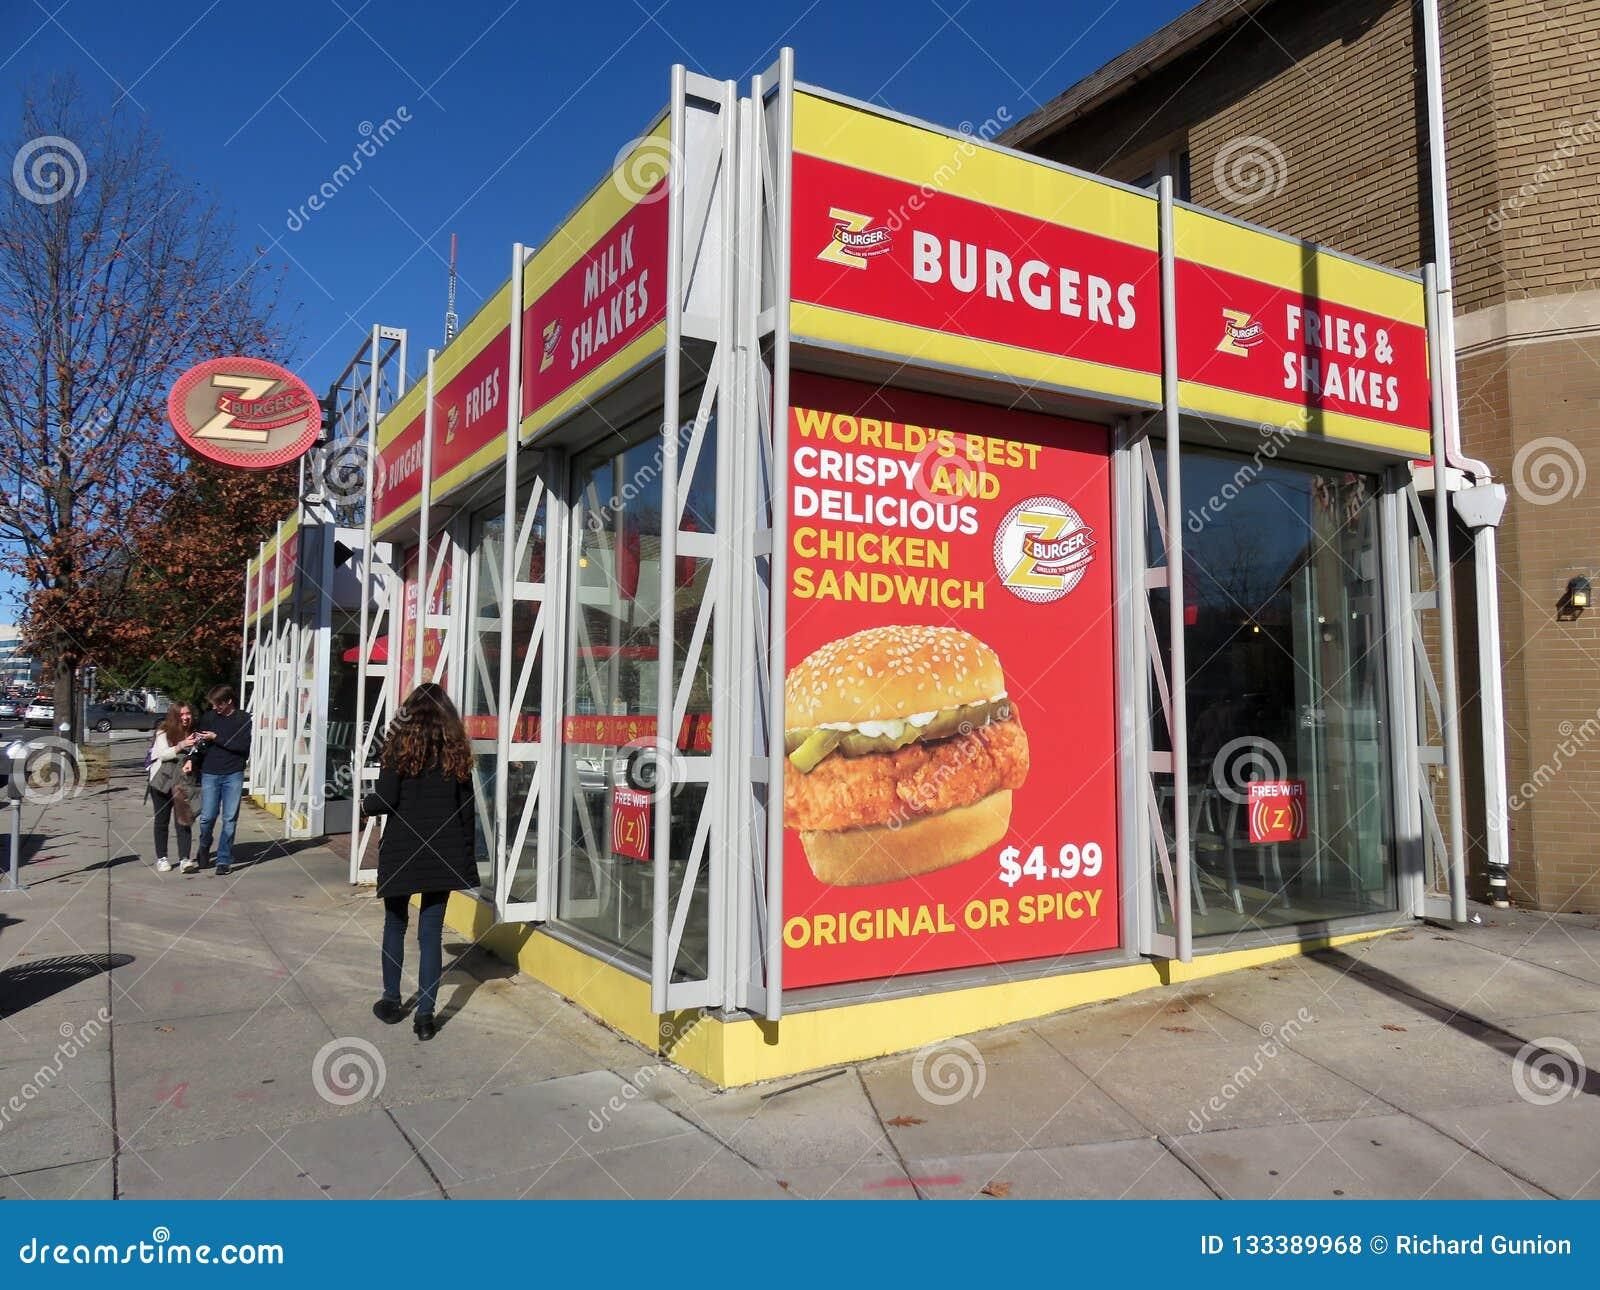 Z-Burger-Schnellrestaurant in Tenleytown